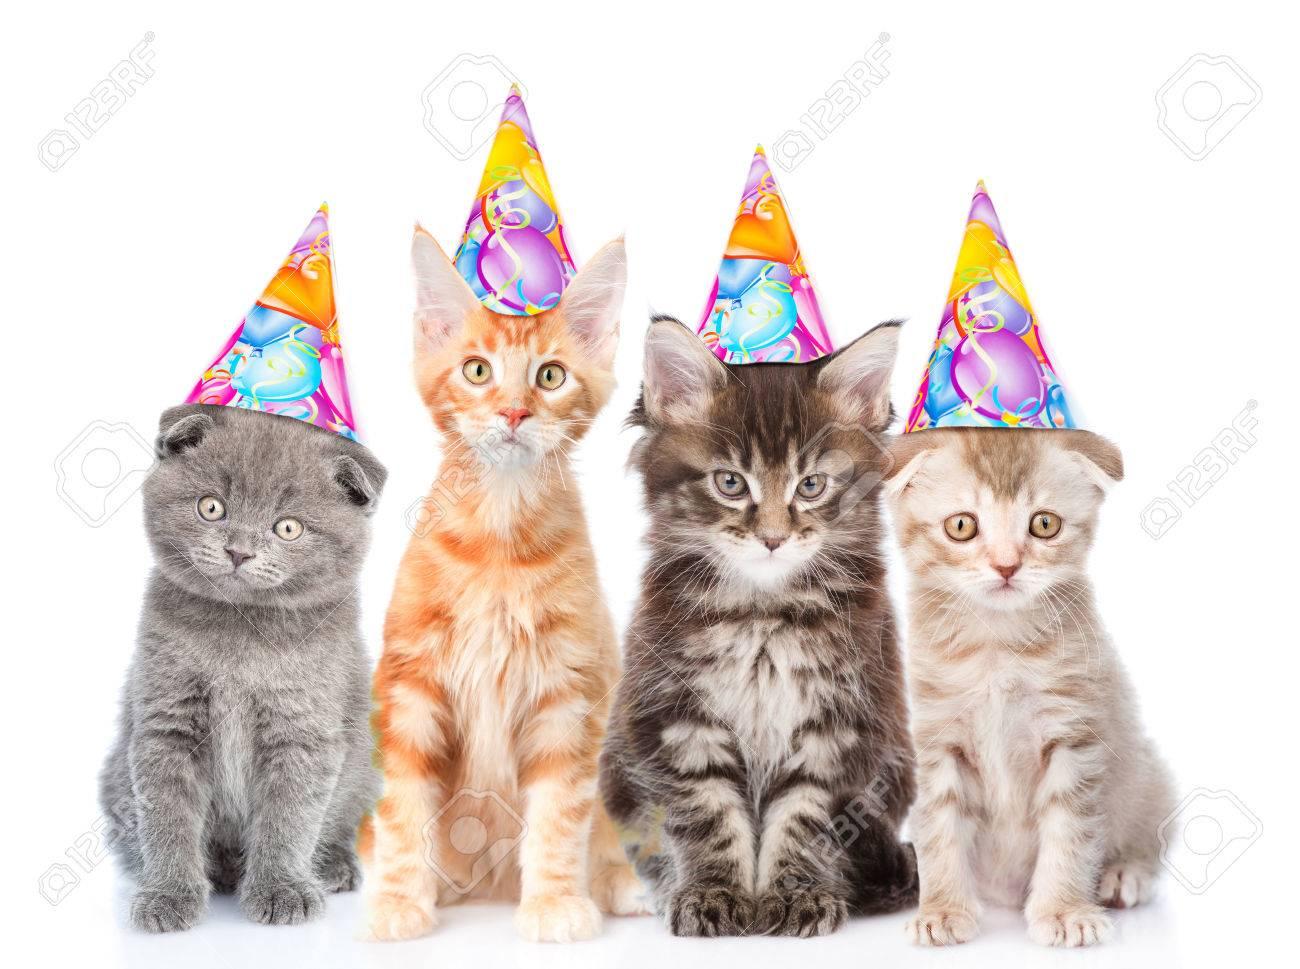 Grosse Gruppe Von Kleinen Katzen Die Mit Geburtstag Hute Isoliert